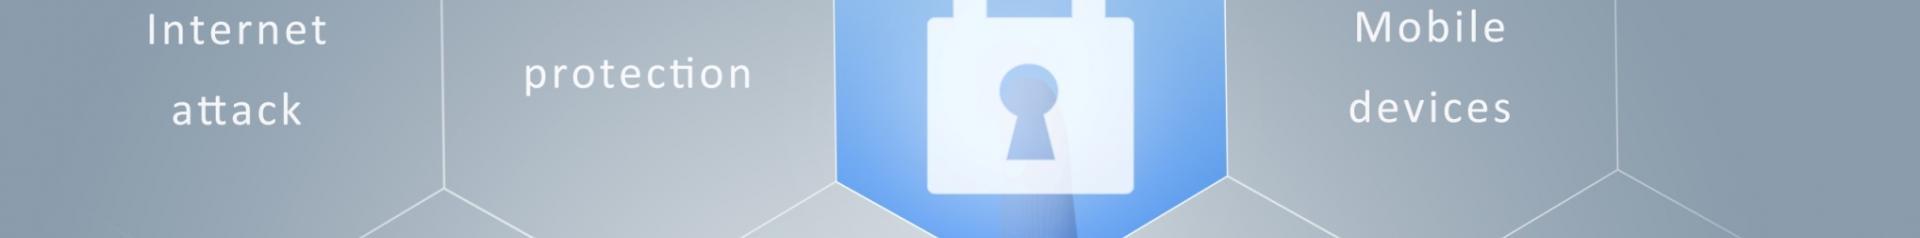 """Imagen de Seguridad en http://www.freepik.com"""", diseñado por  Onlyyouqj / Freepik"""